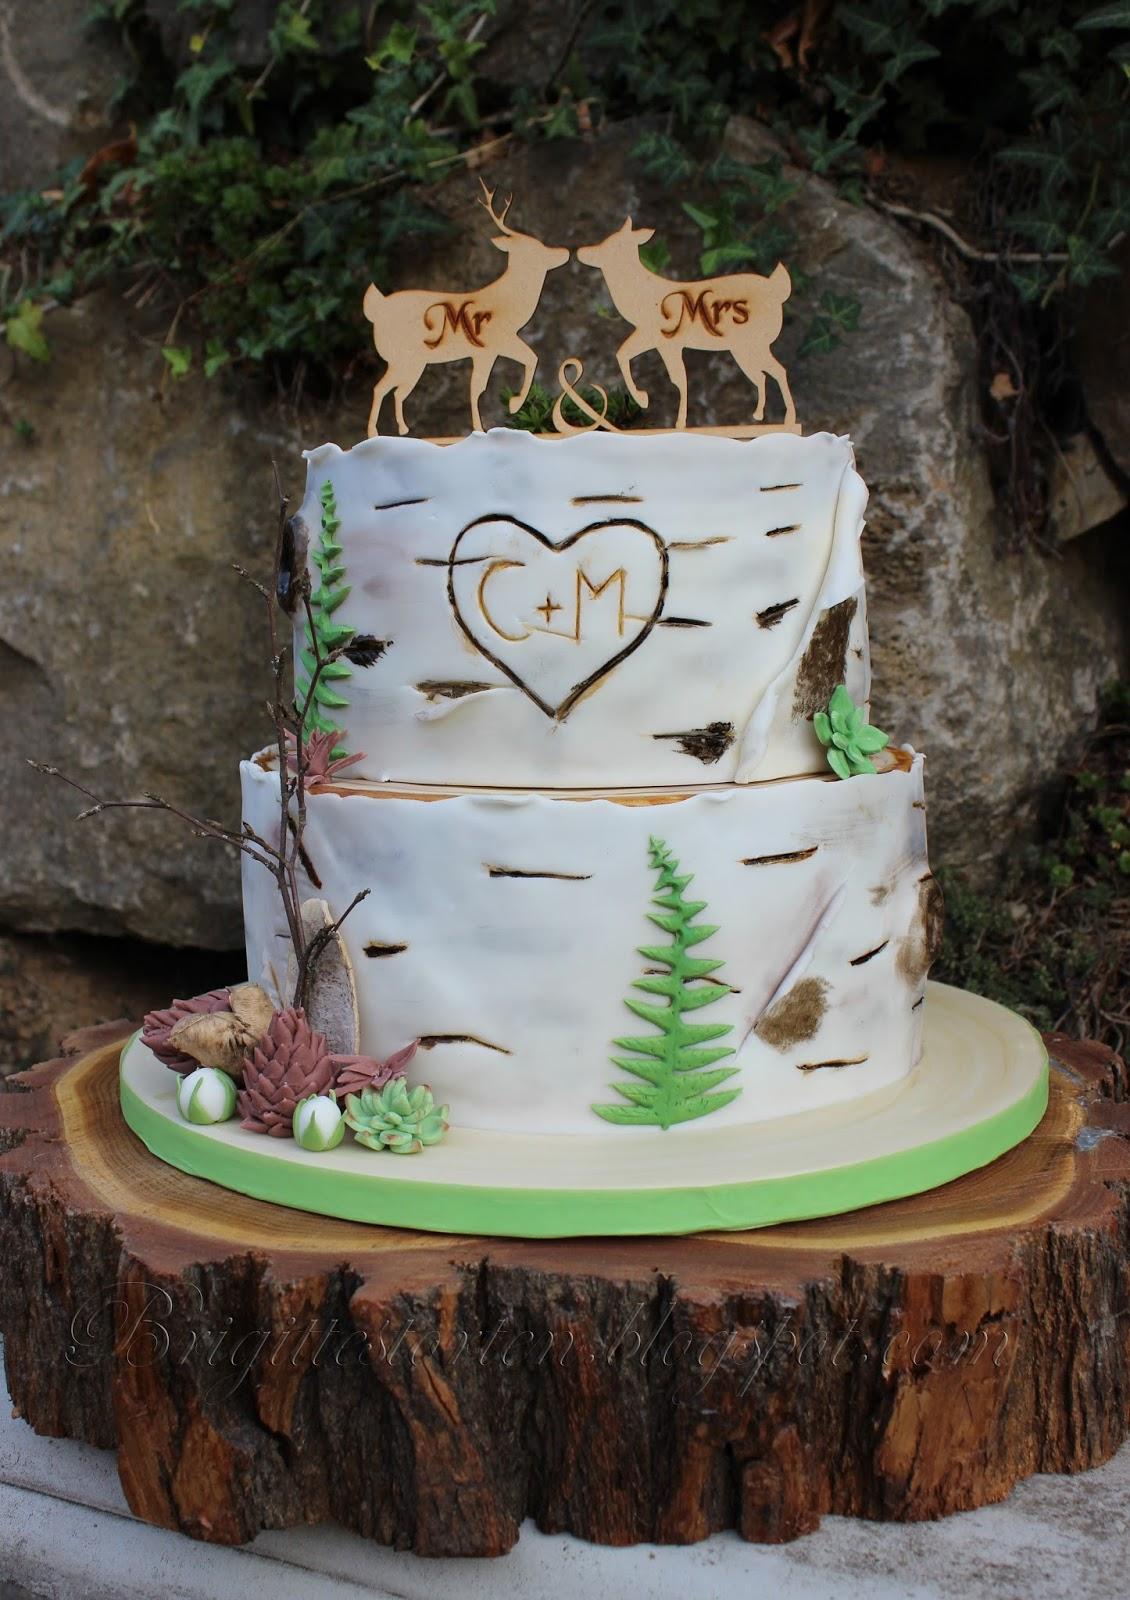 Birkenstamm Hochzeitstorte Weddingcake Birchtree Brigittes